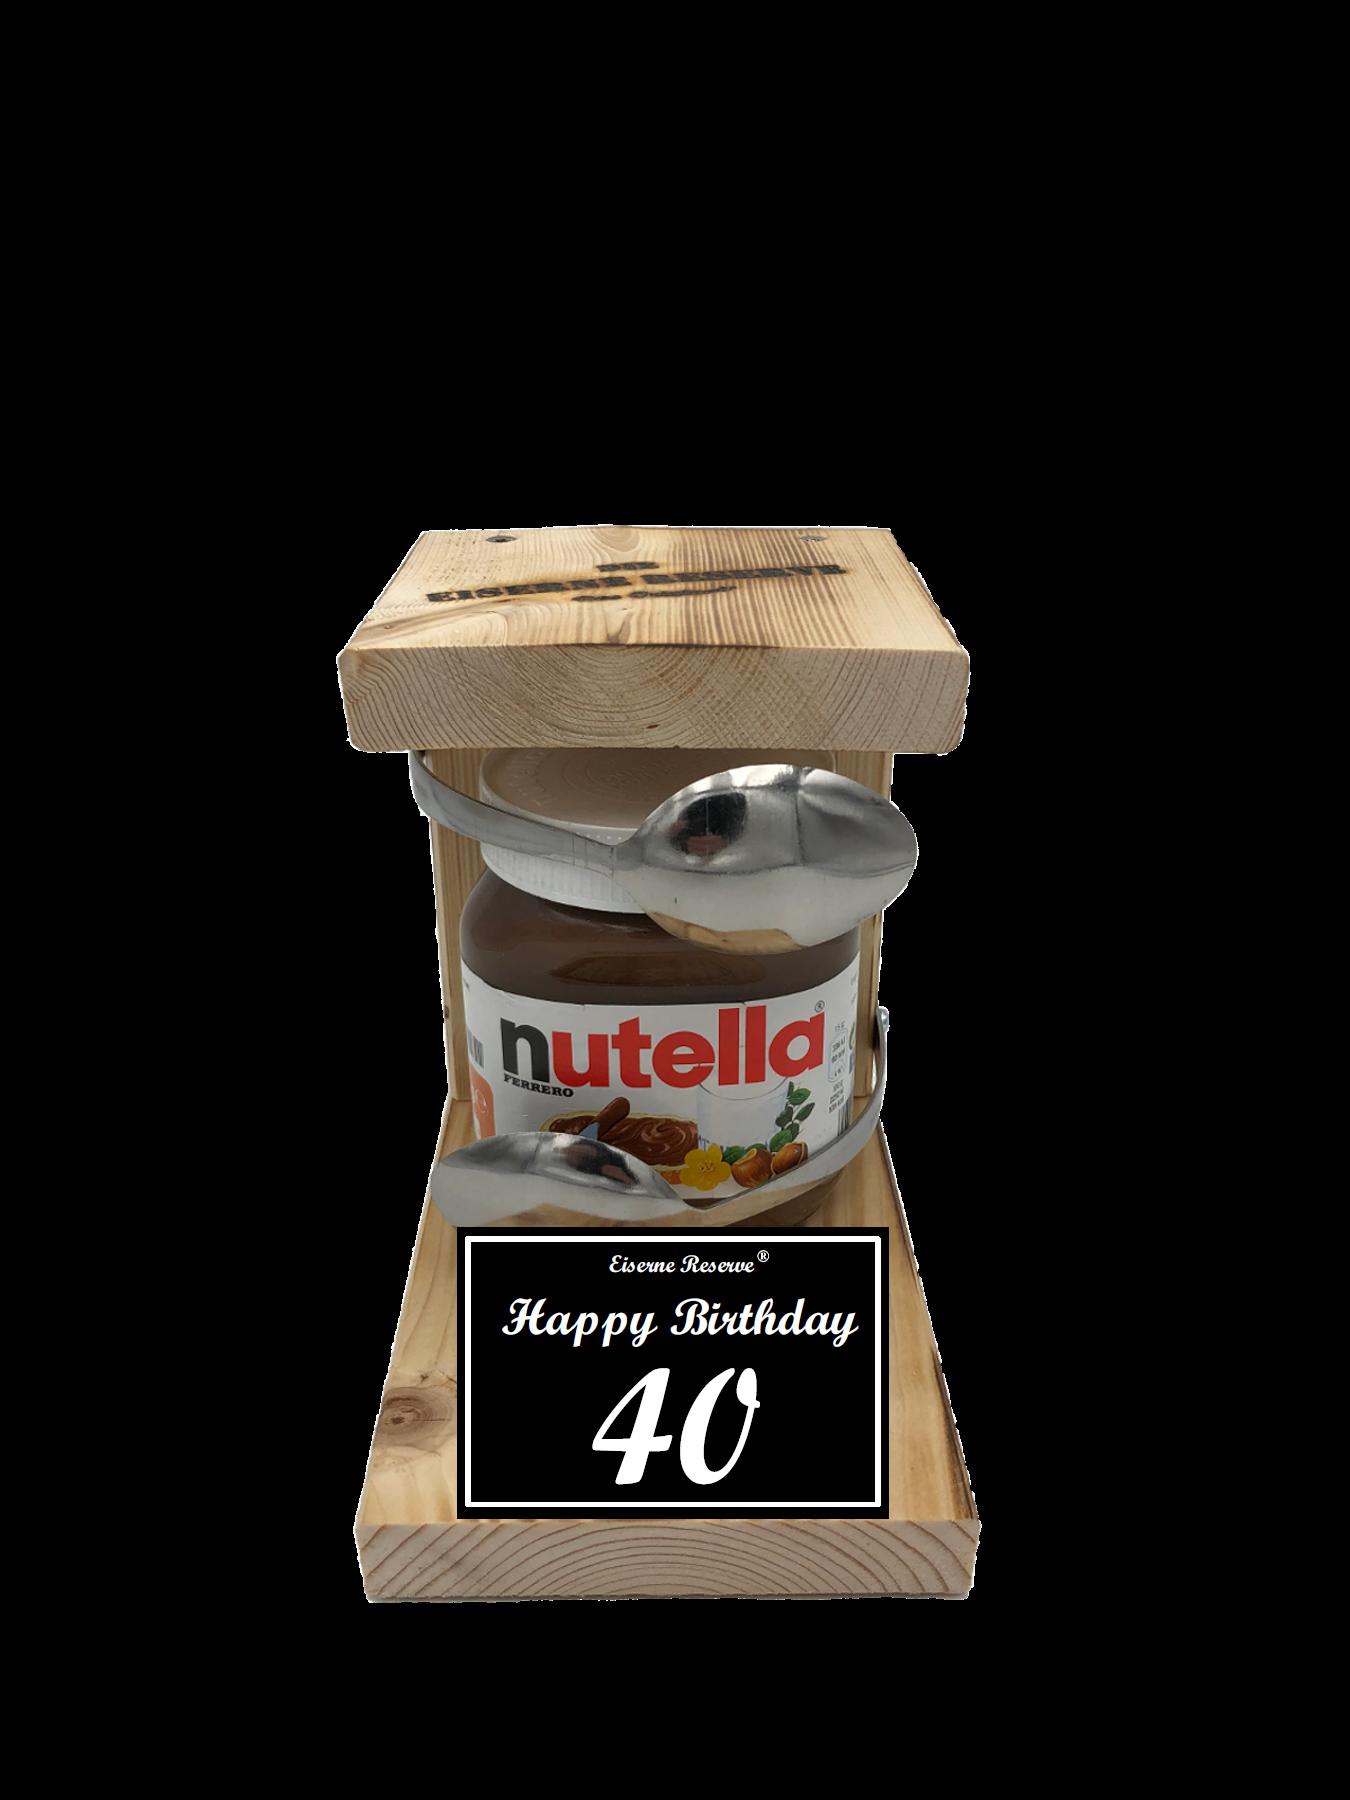 40 Happy Birthday Löffel Nutella Geschenk - Die Nutella Geschenkidee